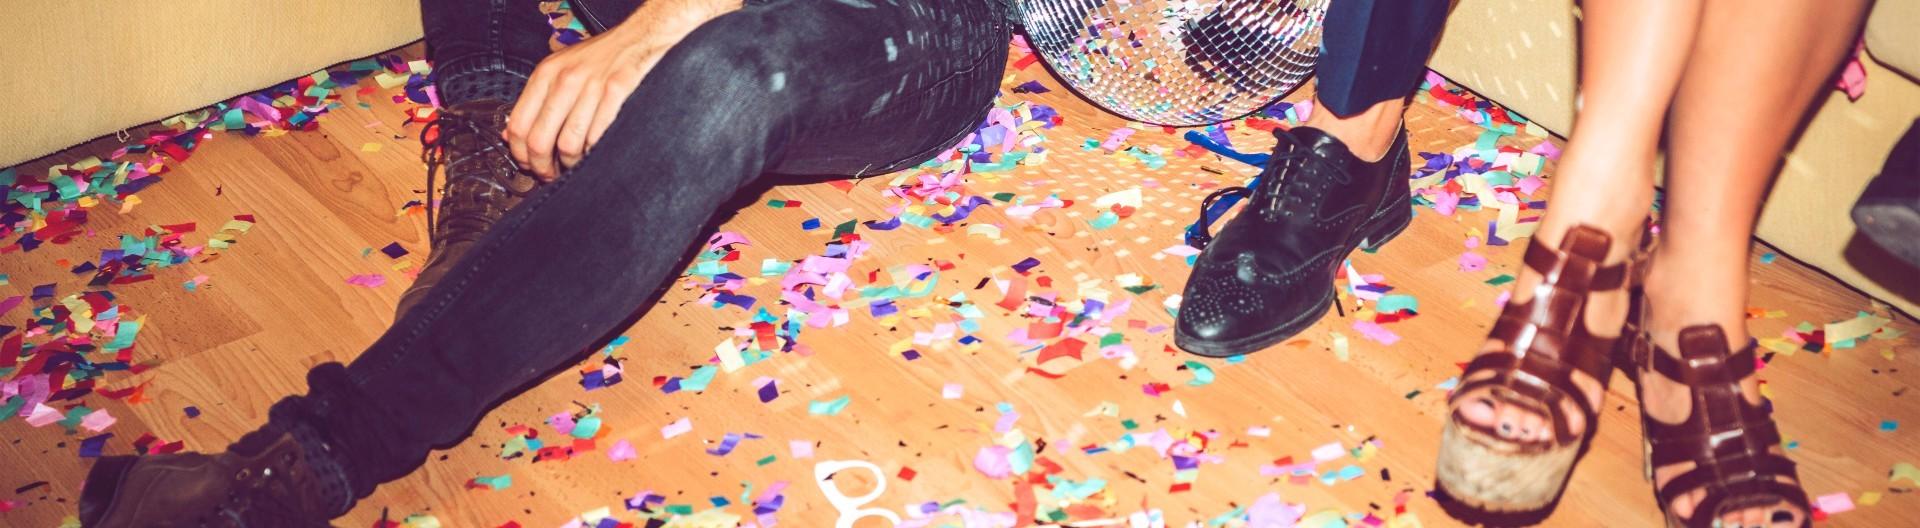 Konfetti liegt nach dem Ende einer Party auf dem Boden.